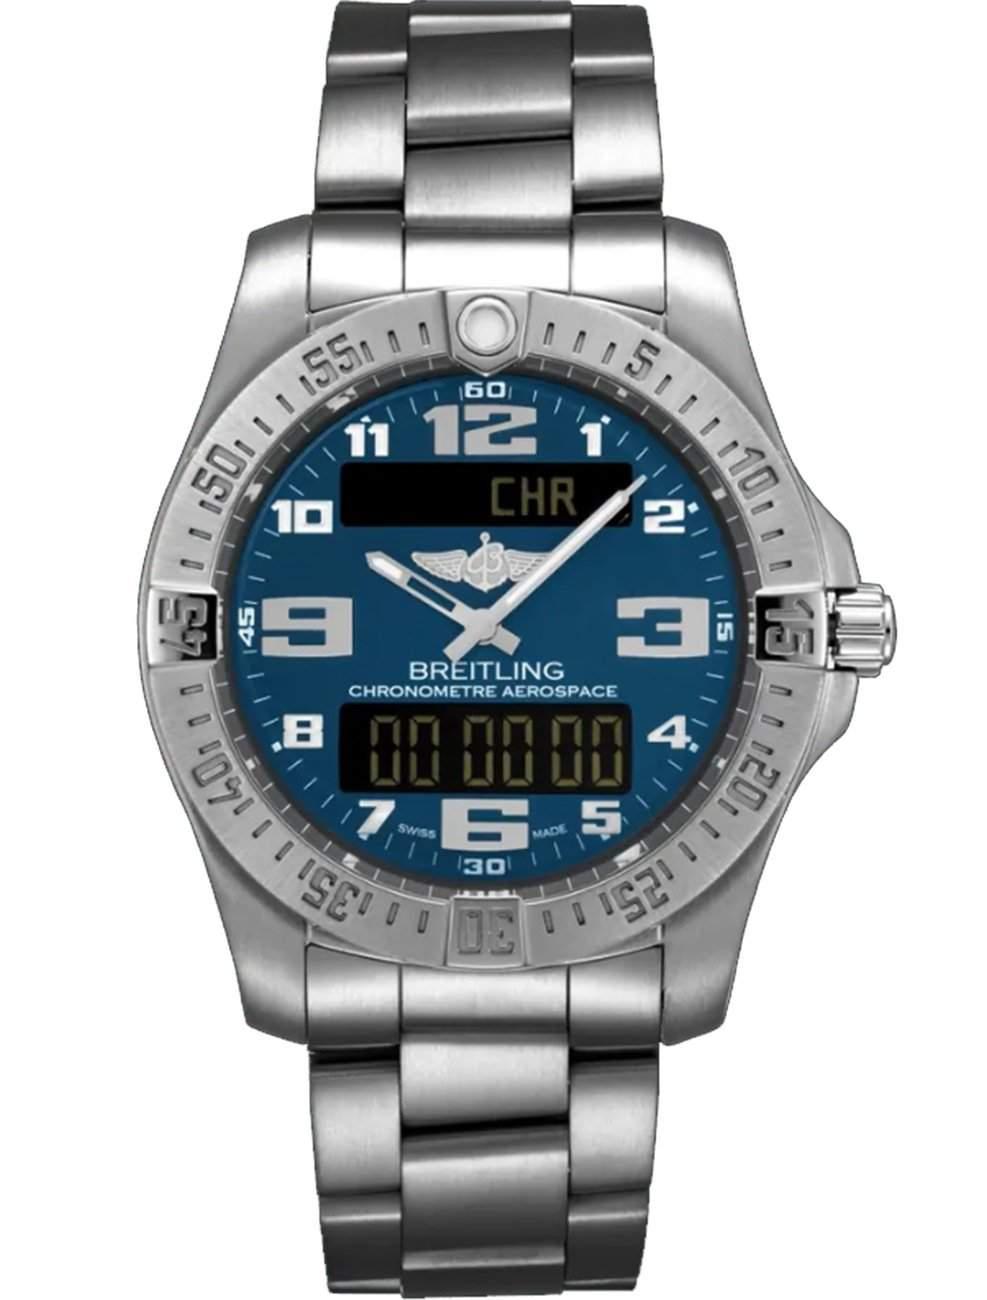 精确,功能,和强大:百年灵航空EVO是一个工具手表,可以做所有